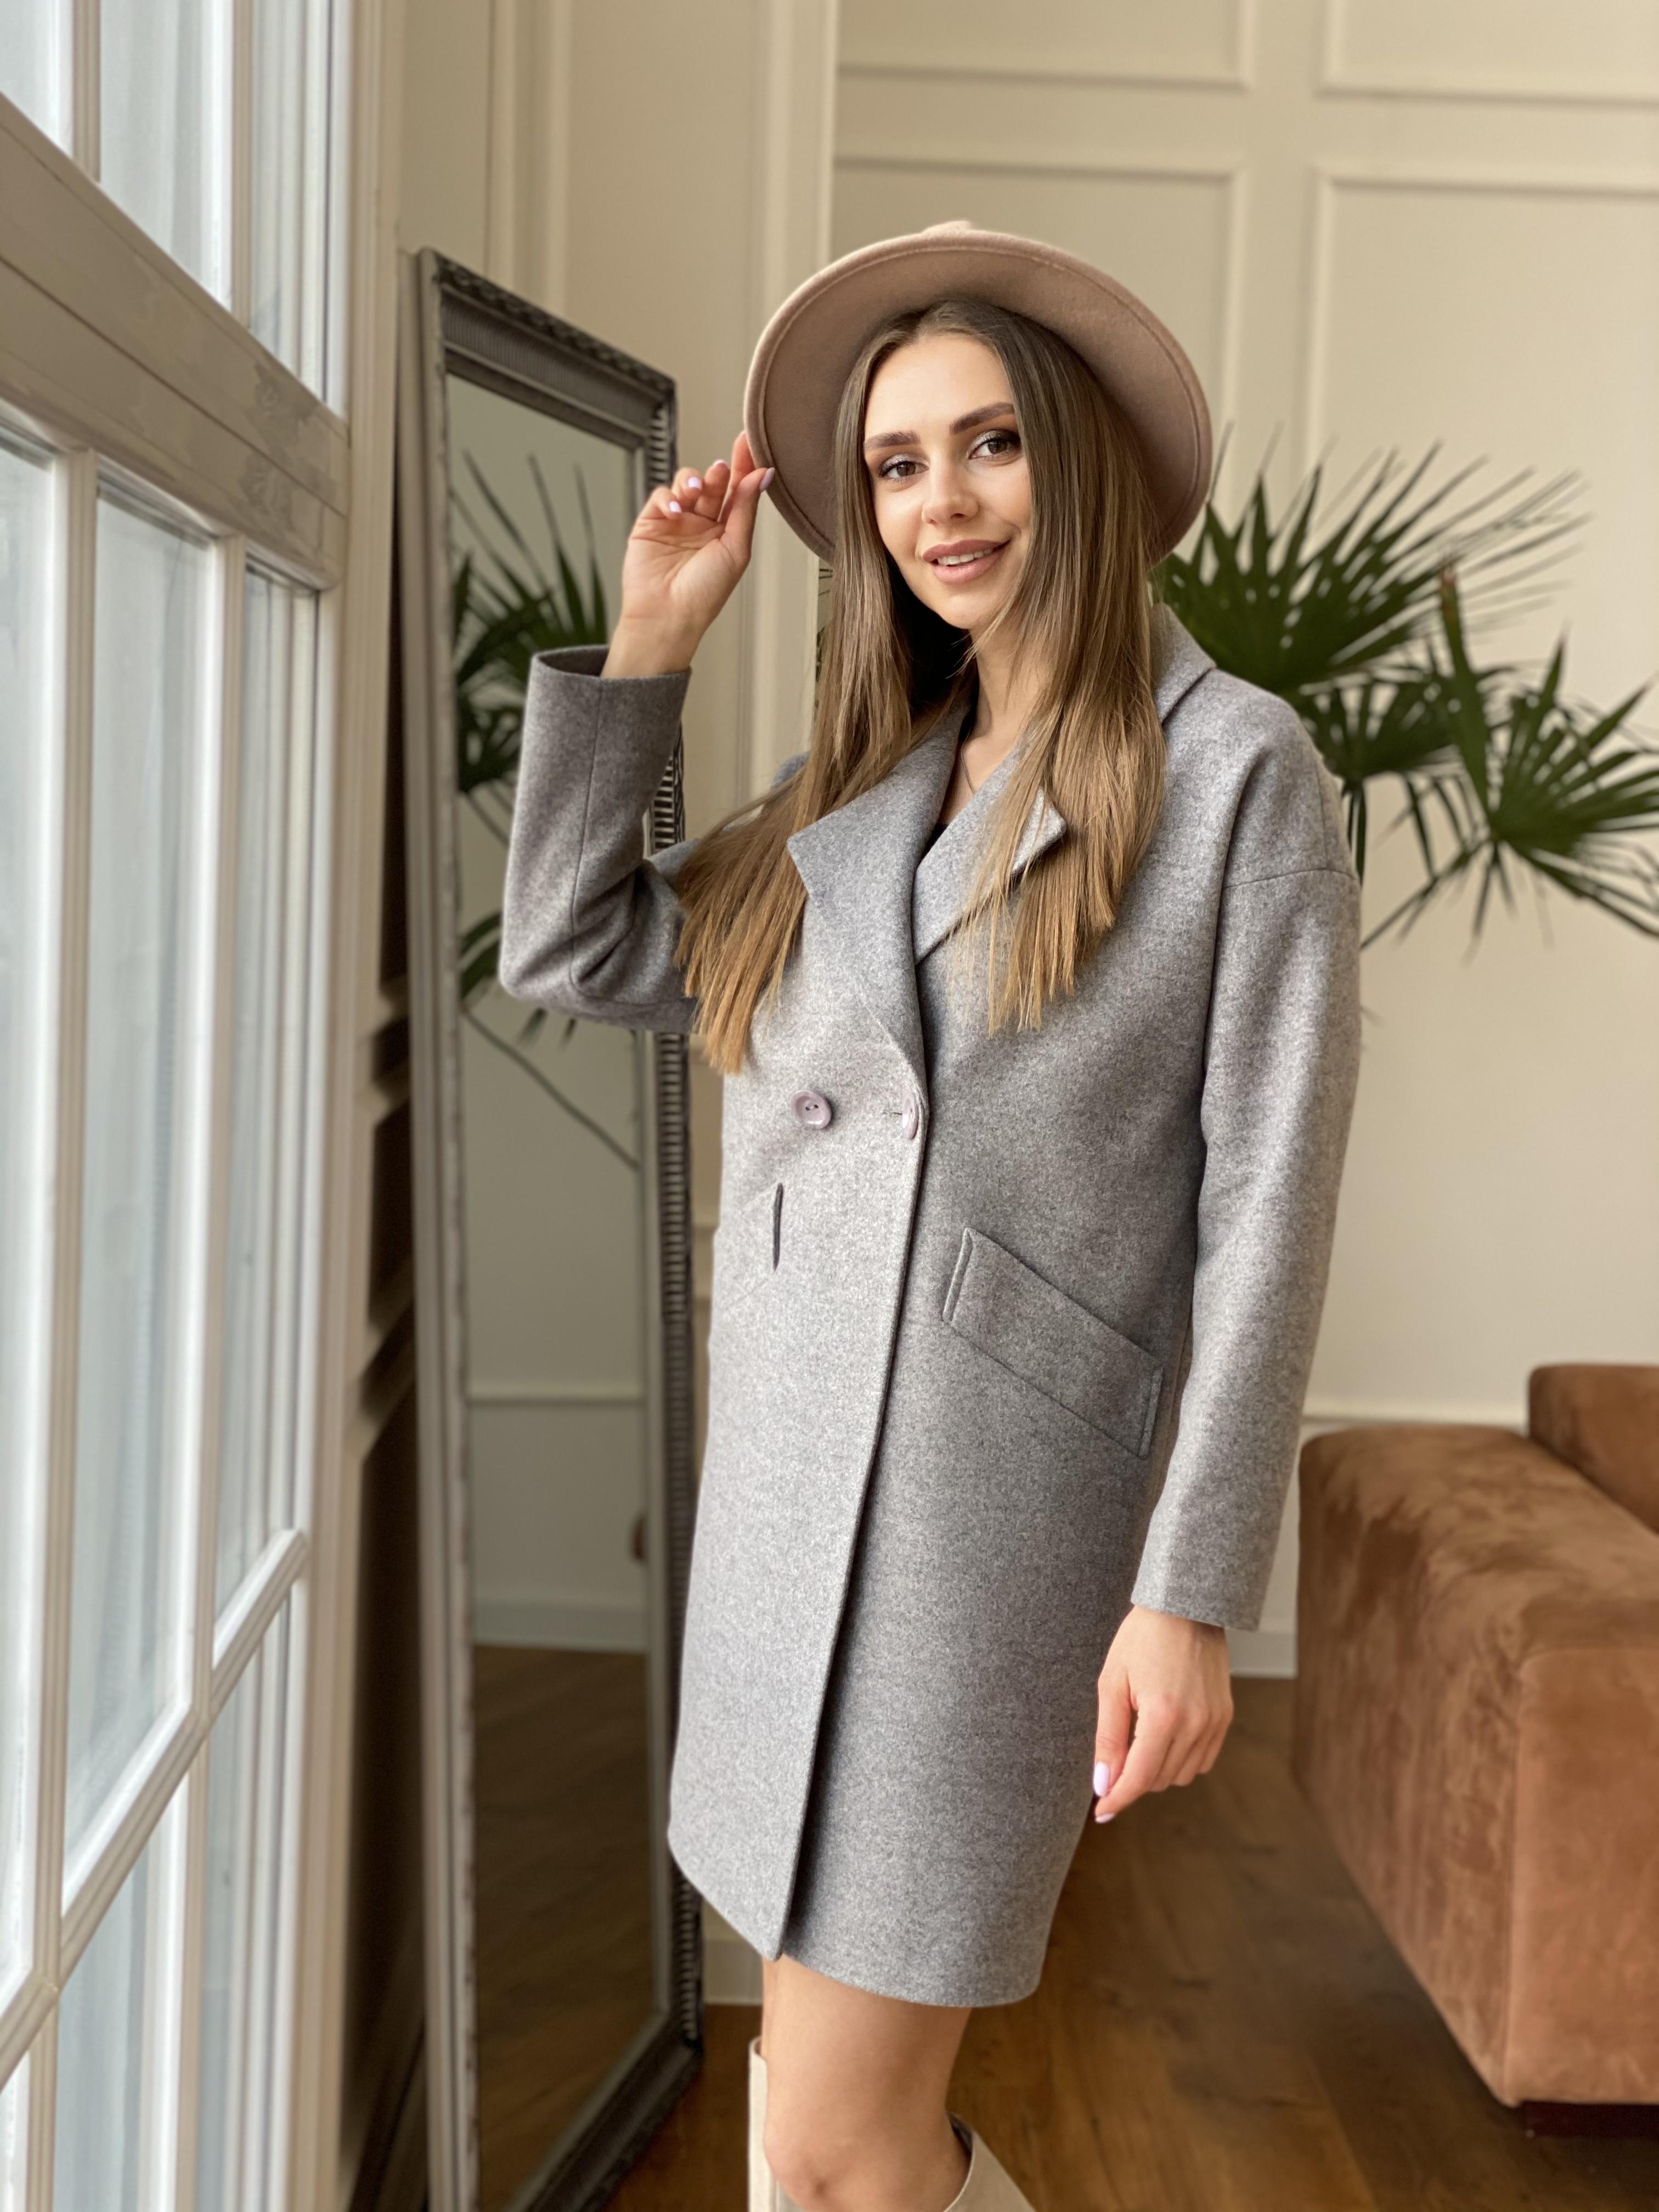 Сенсей пальто из кашемира меланж  10745 АРТ. 47224 Цвет: Карамель 20/1 - фото 3, интернет магазин tm-modus.ru